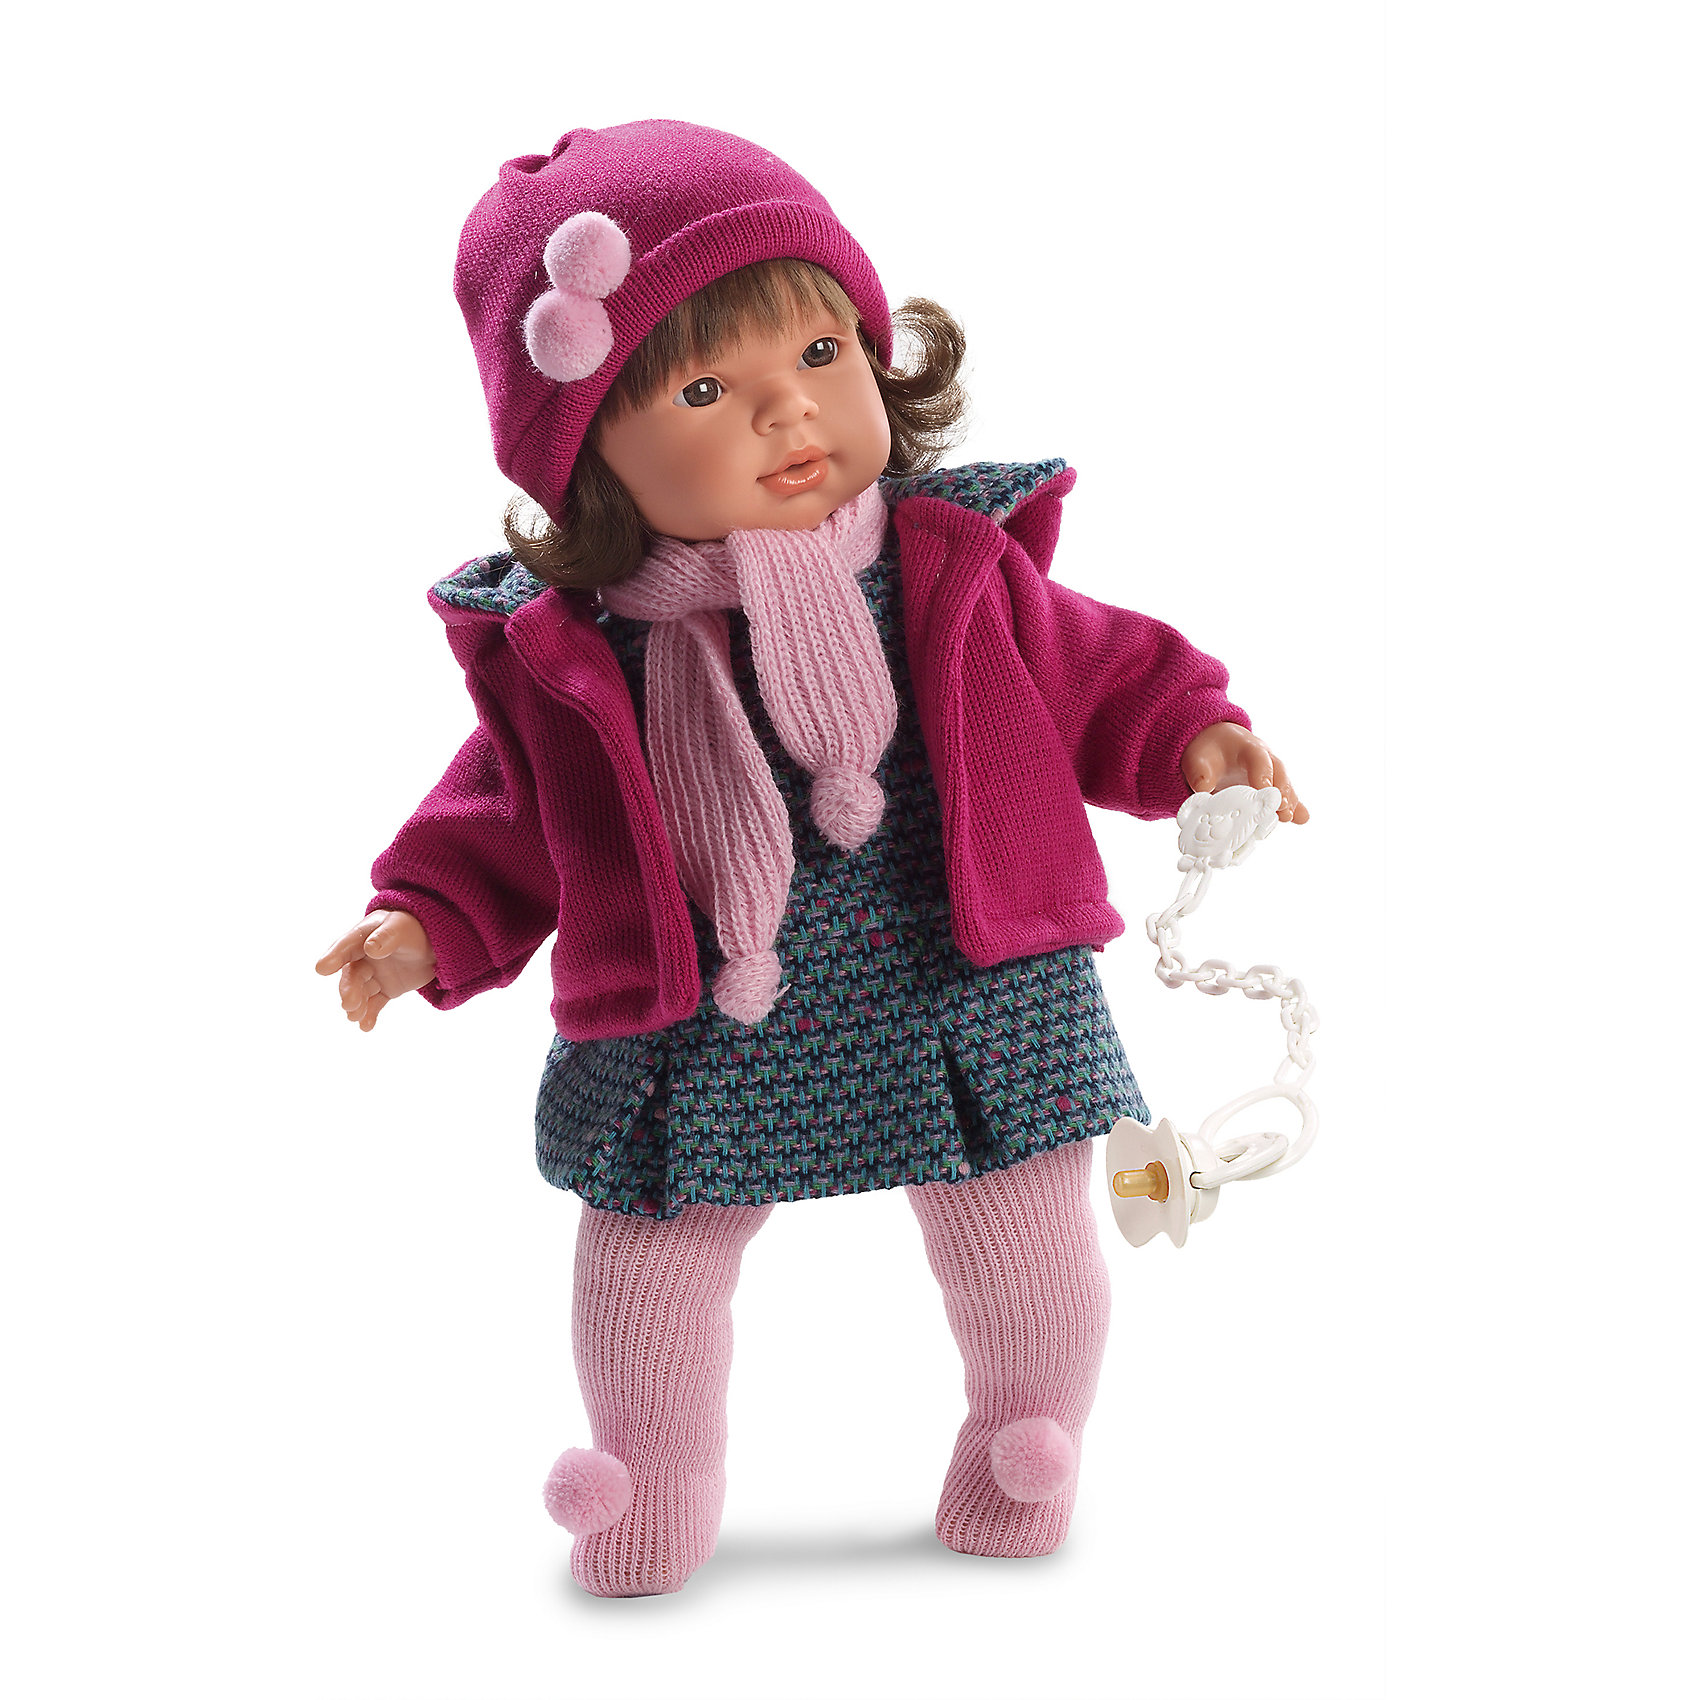 Кукла Карла, 42 см, LlorensХарактеристики:<br><br>• Предназначение: для сюжетно-ролевых игр<br>• Тип куклы: мягконабивная<br>• Пол куклы: девочка <br>• Цвет волос: брюнетка<br>• Материал: поливинилхлорид, пластик, нейлон, текстиль<br>• Цвет: оттенки розового, серый, сиреневый<br>• Высота куклы: 42 см<br>• Комплектация: кукла, платье, курточка, шапочка, колготки, пустышка на ленточке<br>• Вес: 1 кг 360 г<br>• Размеры упаковки (Д*В*Ш): 23*45*10 см<br>• Упаковка: подарочная картонная коробка <br>• Особенности ухода: допускается деликатная стирка без использования красящих и отбеливающих средств предметов одежды куклы<br><br>Кукла Карла 42 см без звука – кукла, производителем которого является всемирно известный испанский кукольный бренд Llorens. Куклы этой торговой марки имеют свою неповторимую внешность и целую линейку образов как пупсов, так и кукол-малышей. Игрушки выполнены из сочетания поливинилхлорида и пластика, что позволяет с высокой долей достоверности воссоздать физиологические и мимические особенности маленьких детей. При изготовлении кукол Llorens используются только сертифицированные материалы, безопасные и не вызывающие аллергических реакций. Волосы у кукол отличаются густотой, шелковистостью и блеском, при расчесывании они не выпадают и не ломаются.<br>Кукла Карла 42 см без звука выполнена в образе малышки: брюнетка с карими глазами и слегка завитыми волосами средней длины. В комплект одежды Карлы входит теплое платьице с геометрическим принтом, курточка с капюшоном и шапочка с помпонами. У малышки имеется соска на ленточке. <br>Кукла Карла 42 см без звука – это идеальный вариант для подарка к различным праздникам и торжествам.<br><br>Куклу Карлу 42 см без звука можно купить в нашем интернет-магазине.<br><br>Ширина мм: 23<br>Глубина мм: 45<br>Высота мм: 12<br>Вес г: 1360<br>Возраст от месяцев: 36<br>Возраст до месяцев: 84<br>Пол: Женский<br>Возраст: Детский<br>SKU: 5086916